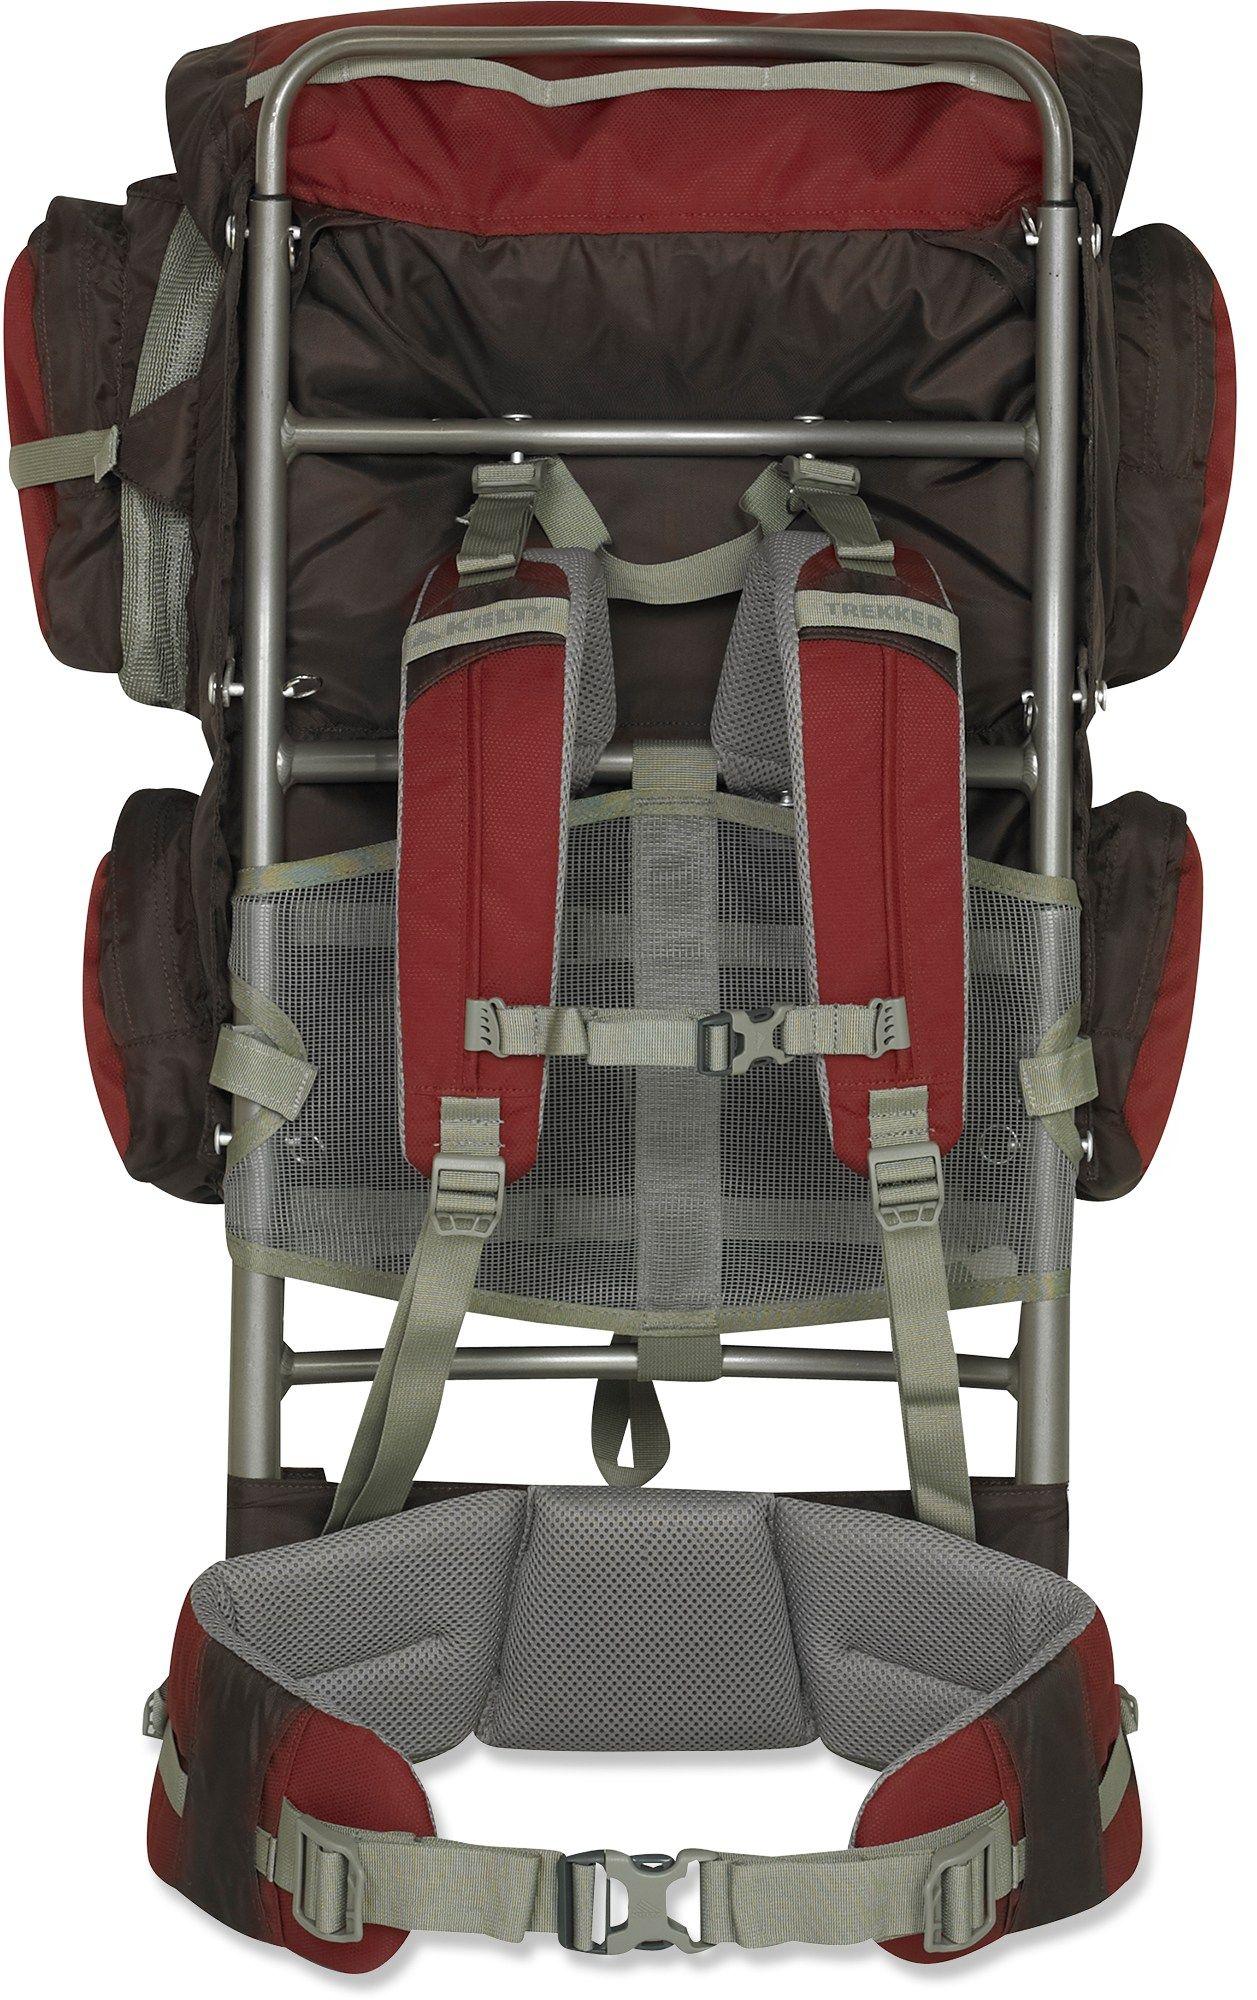 Kelty Trekker 65 External Frame Pack - REI.com | станковые рюкзаки ...